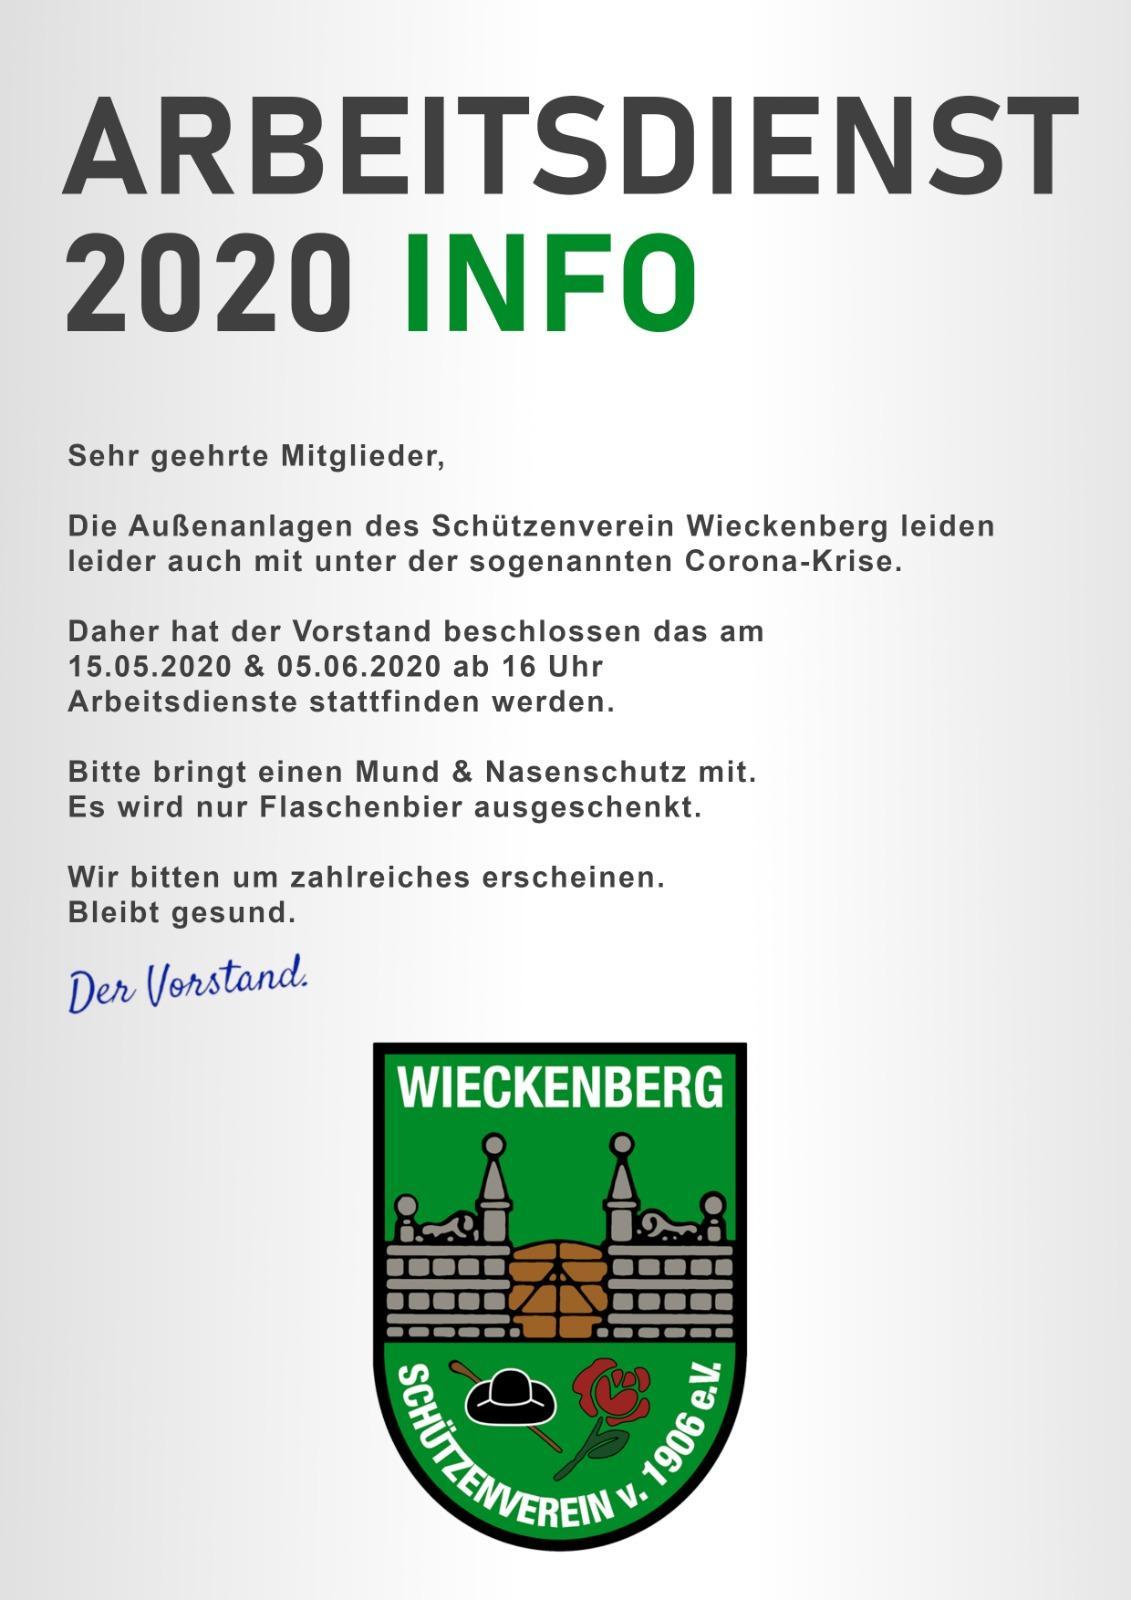 Arbeitsdienst2020